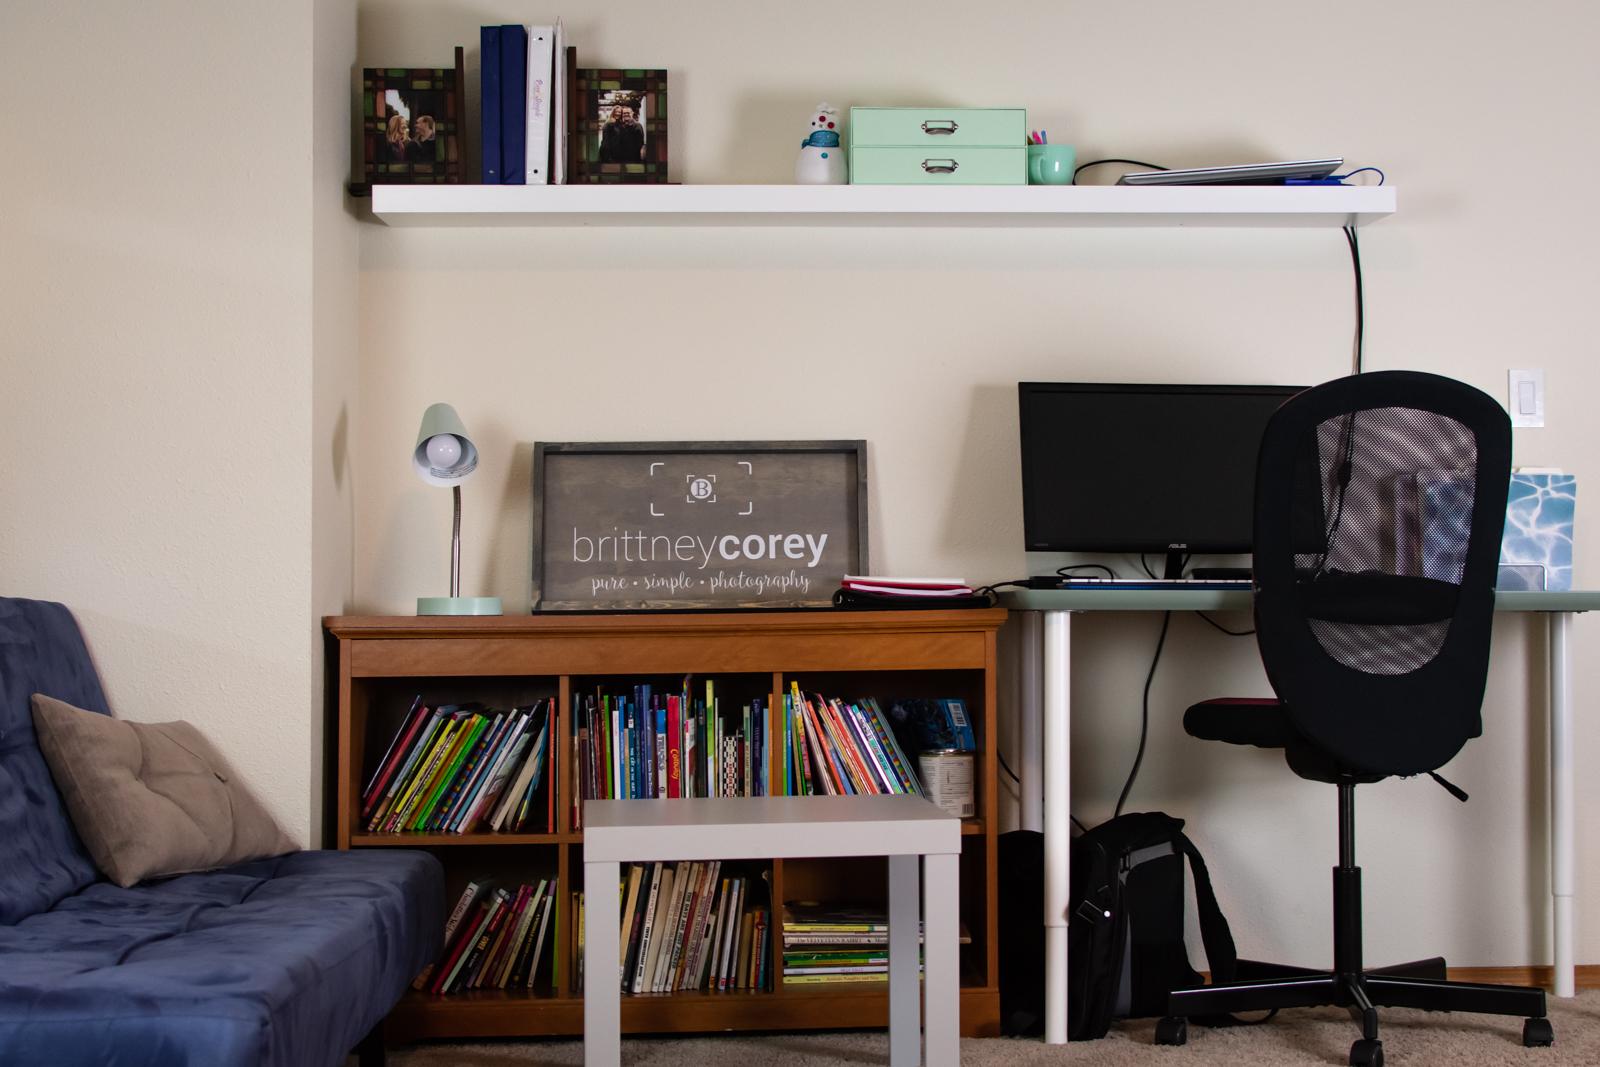 brittney-corey-photography-studio